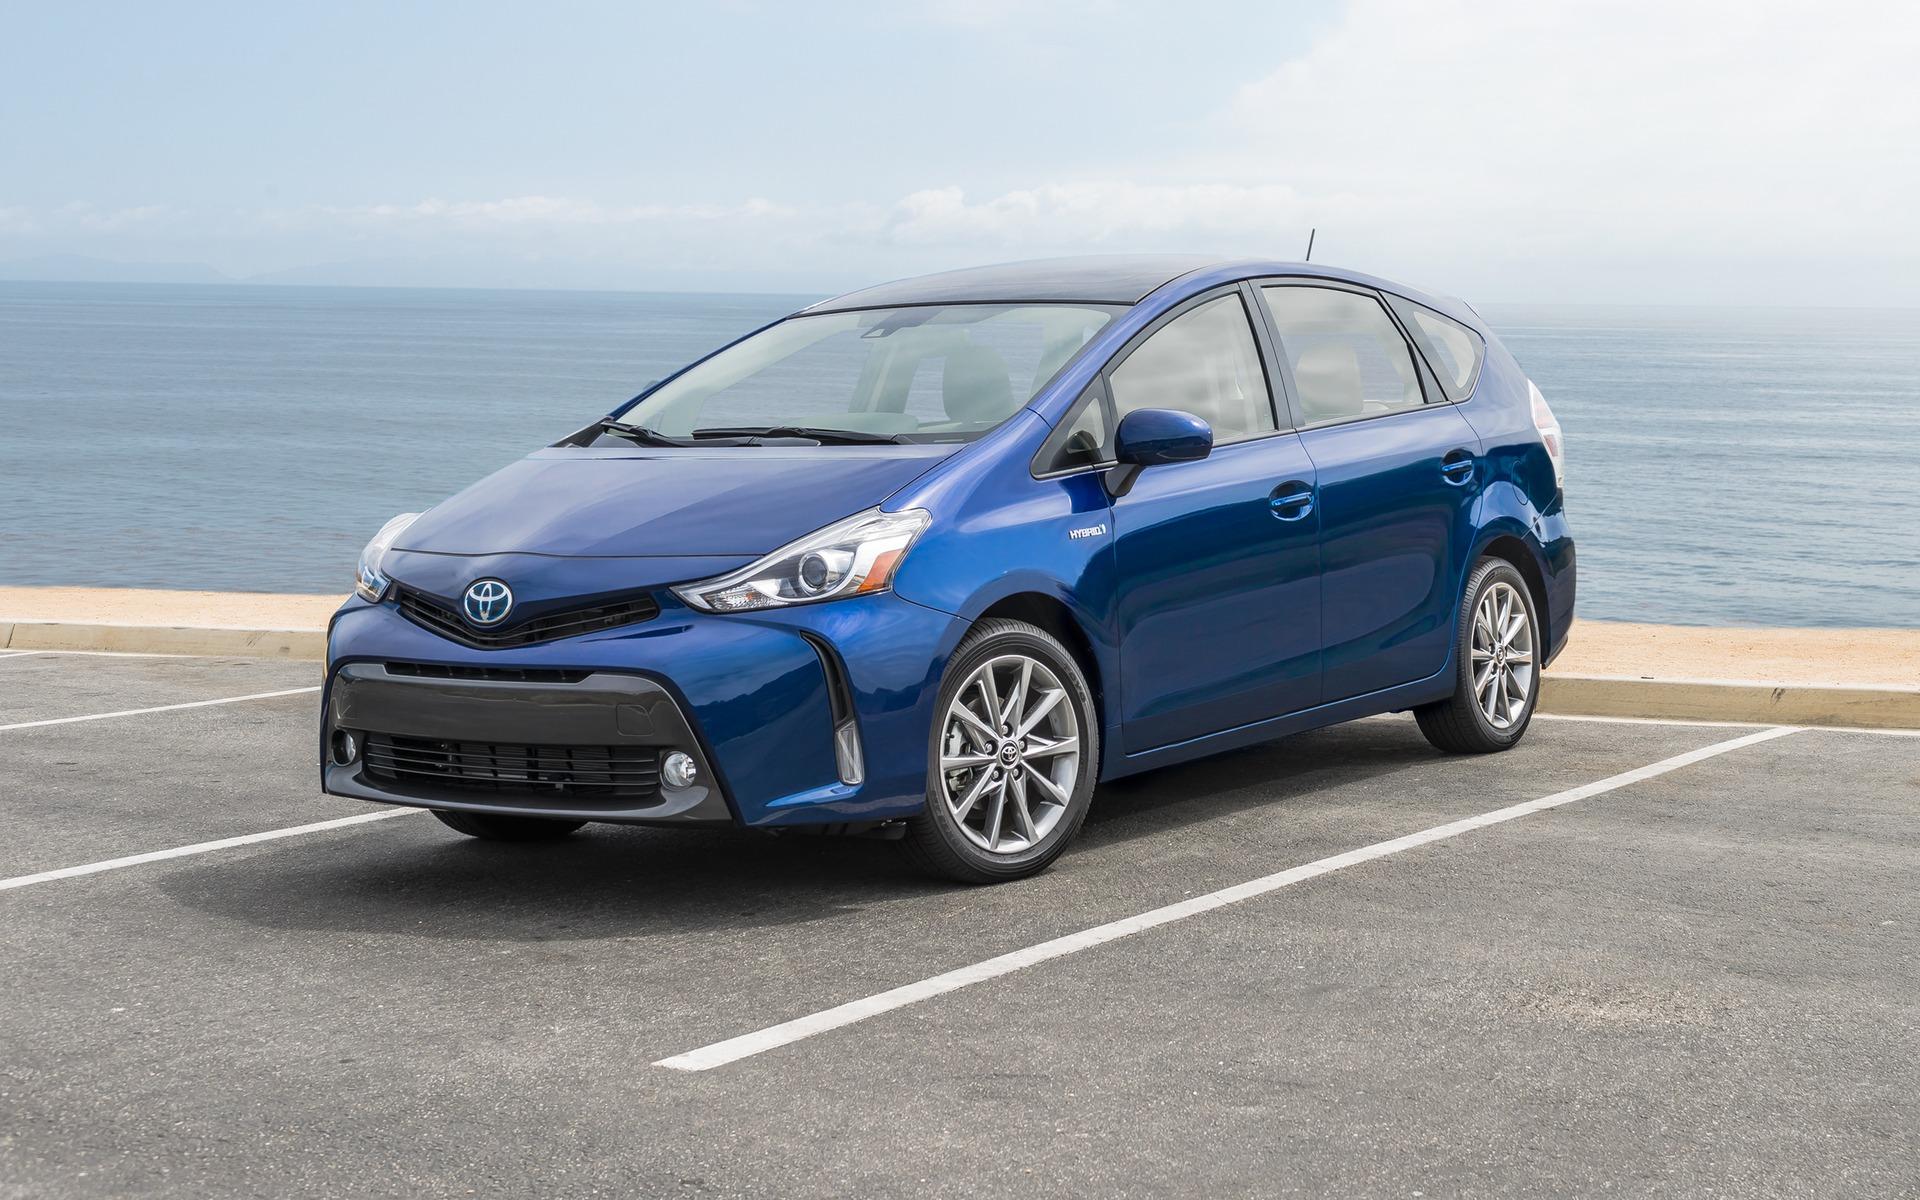 La Toyota Prius v se fond dans la circulation.